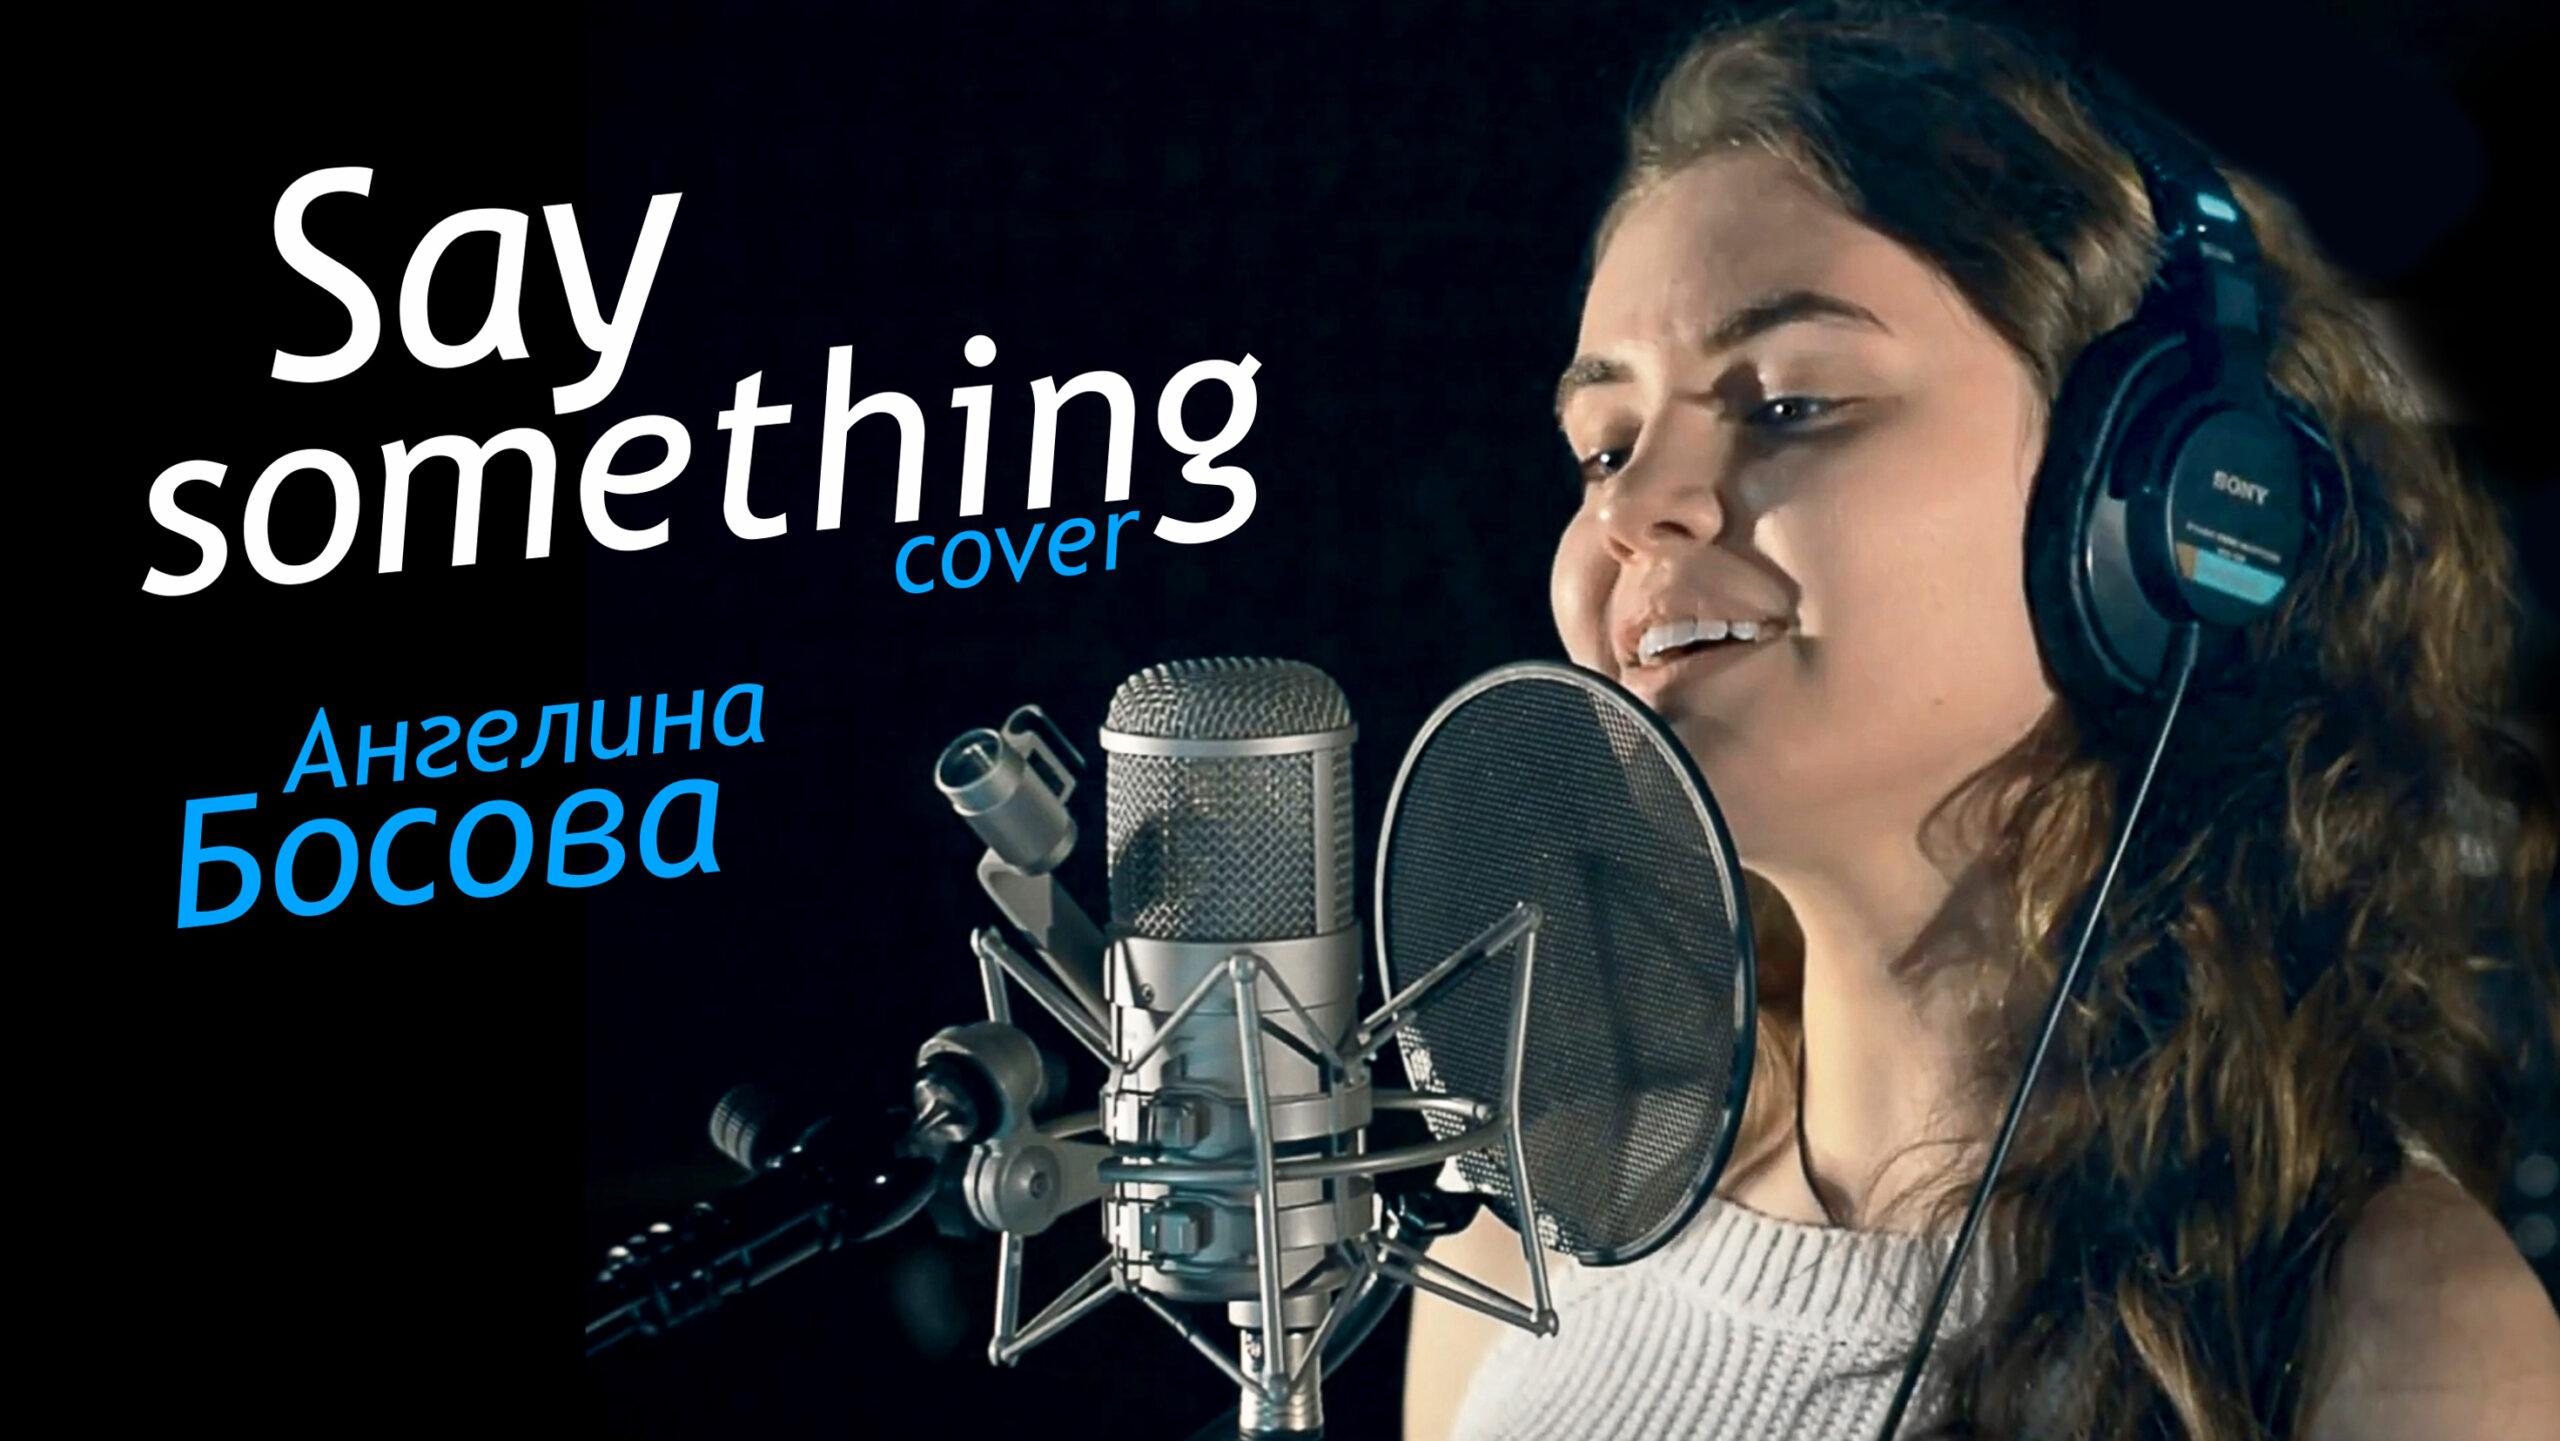 Say something (cover) в исполнении  Ангелины Босовой